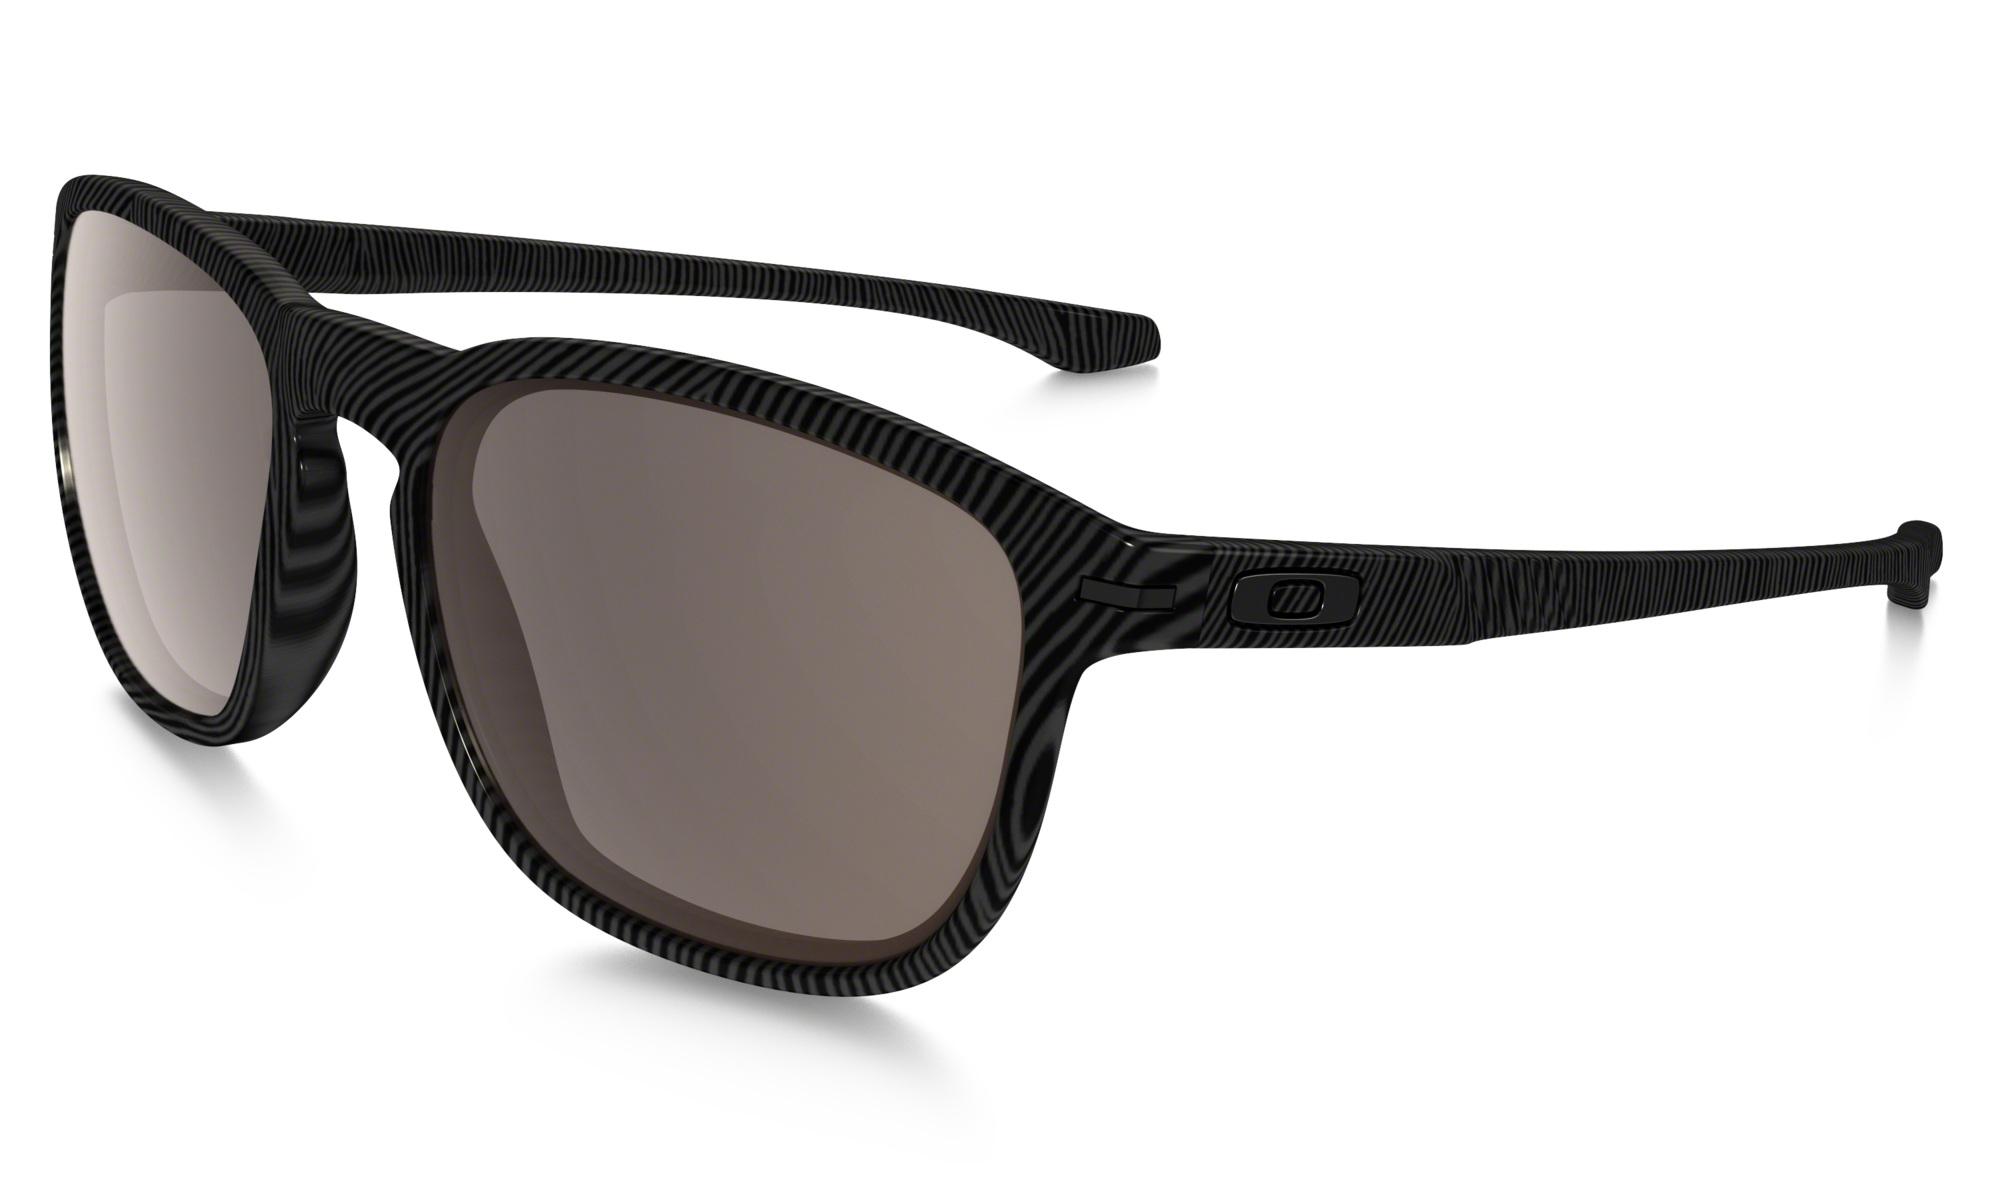 Oakley Enduro Fingerprint White Sonnenbrille - grey OO 9223 21 kwsyHTEYa